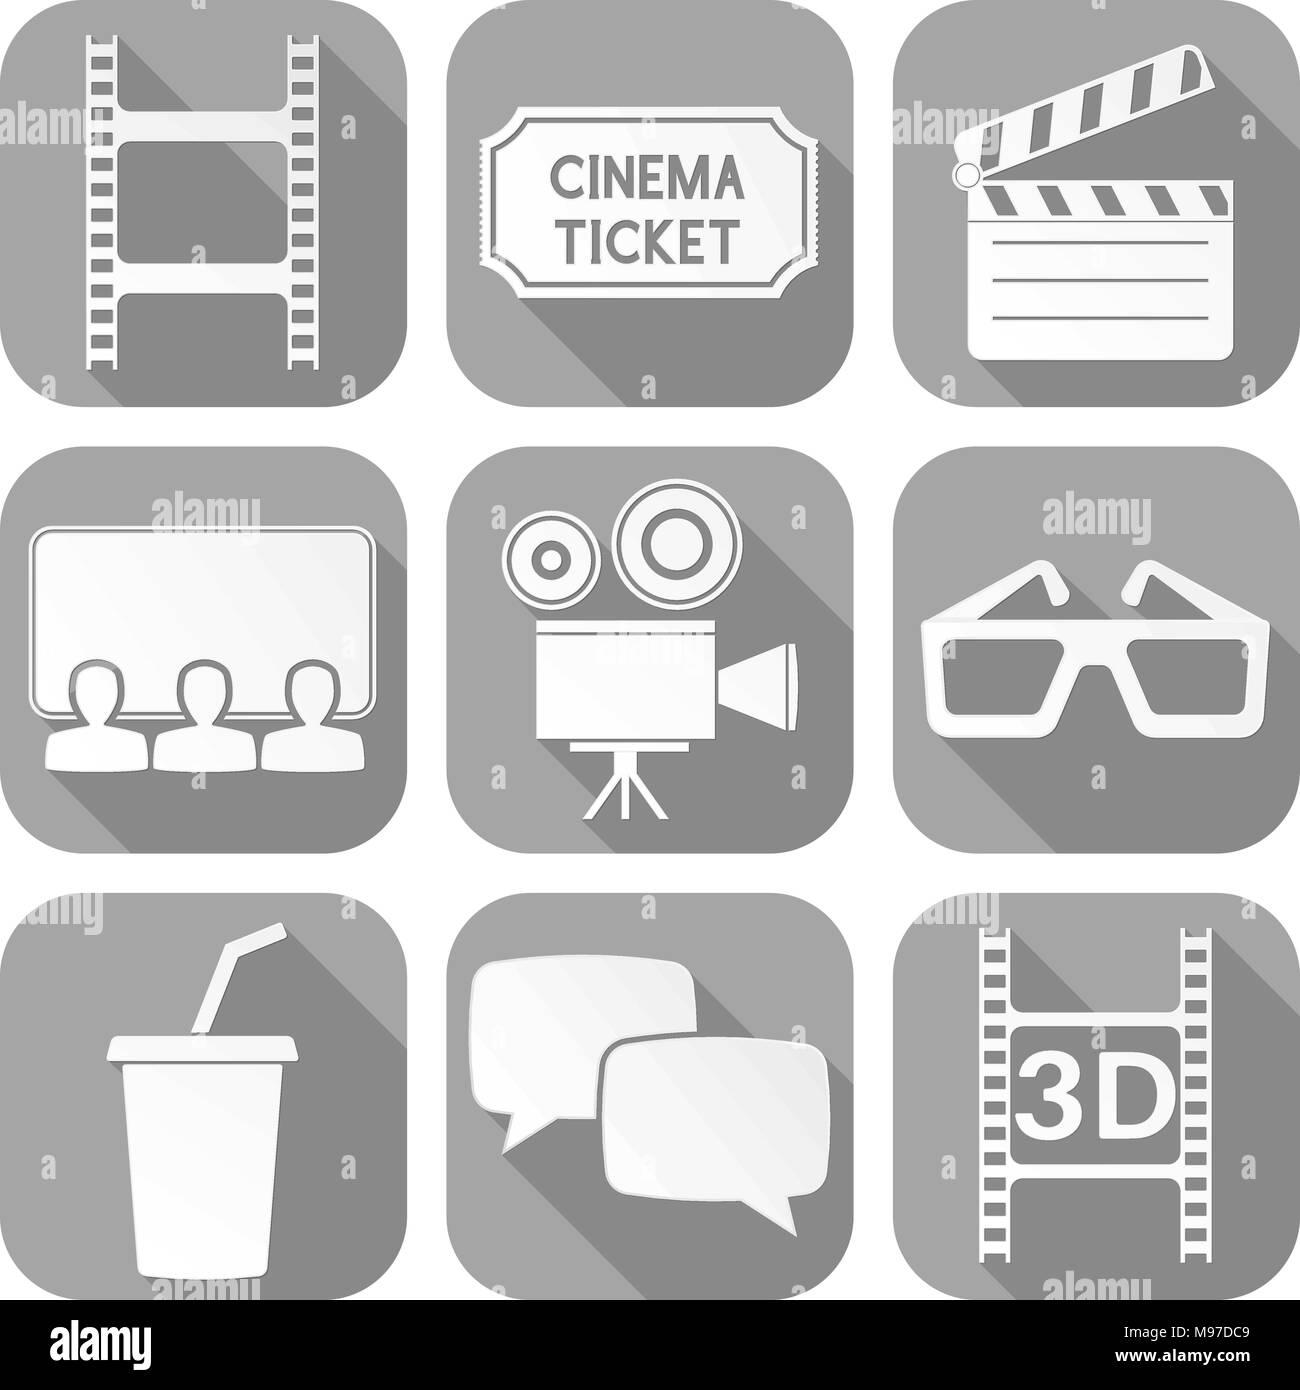 Movie Theater Ticket Stock Photos Movie Theater Ticket Stock